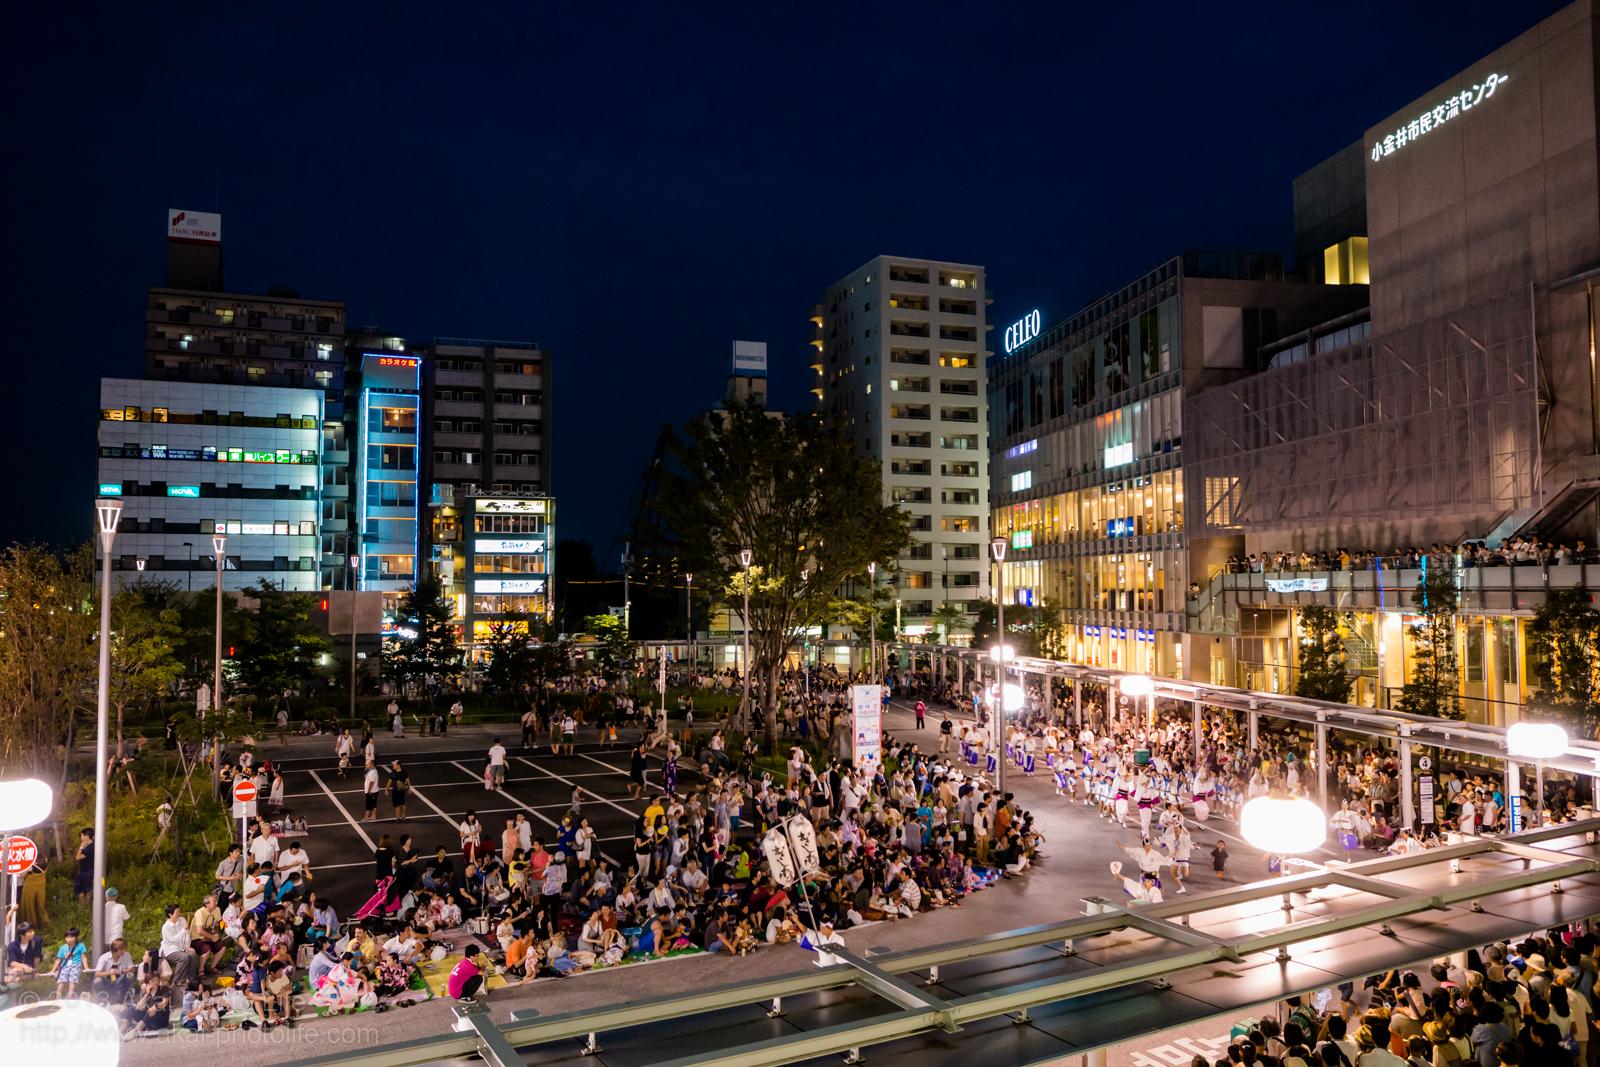 南口駅前広場会場の写真